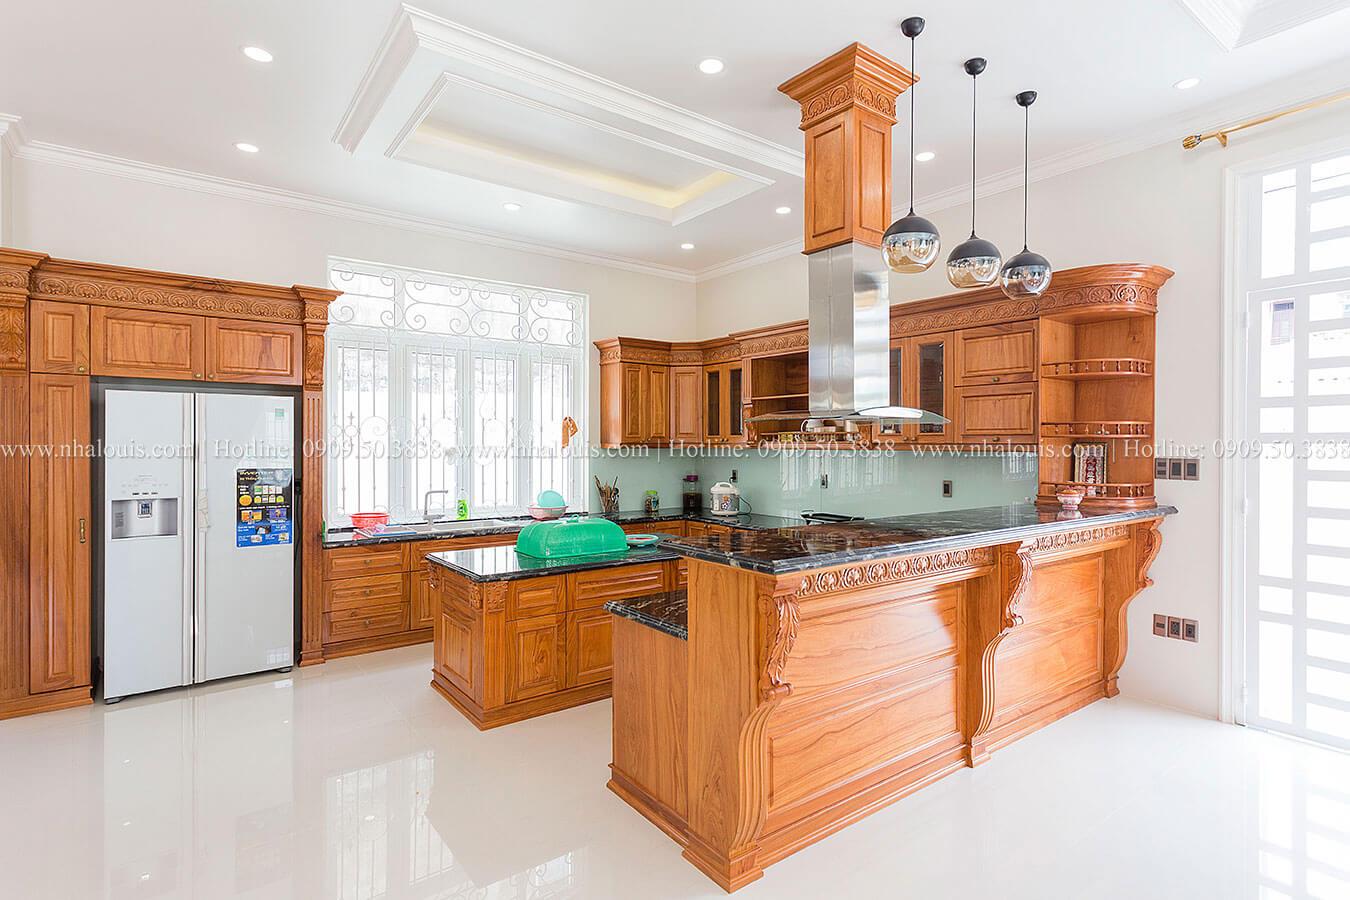 Phòng bếp ngày hoàn thiện